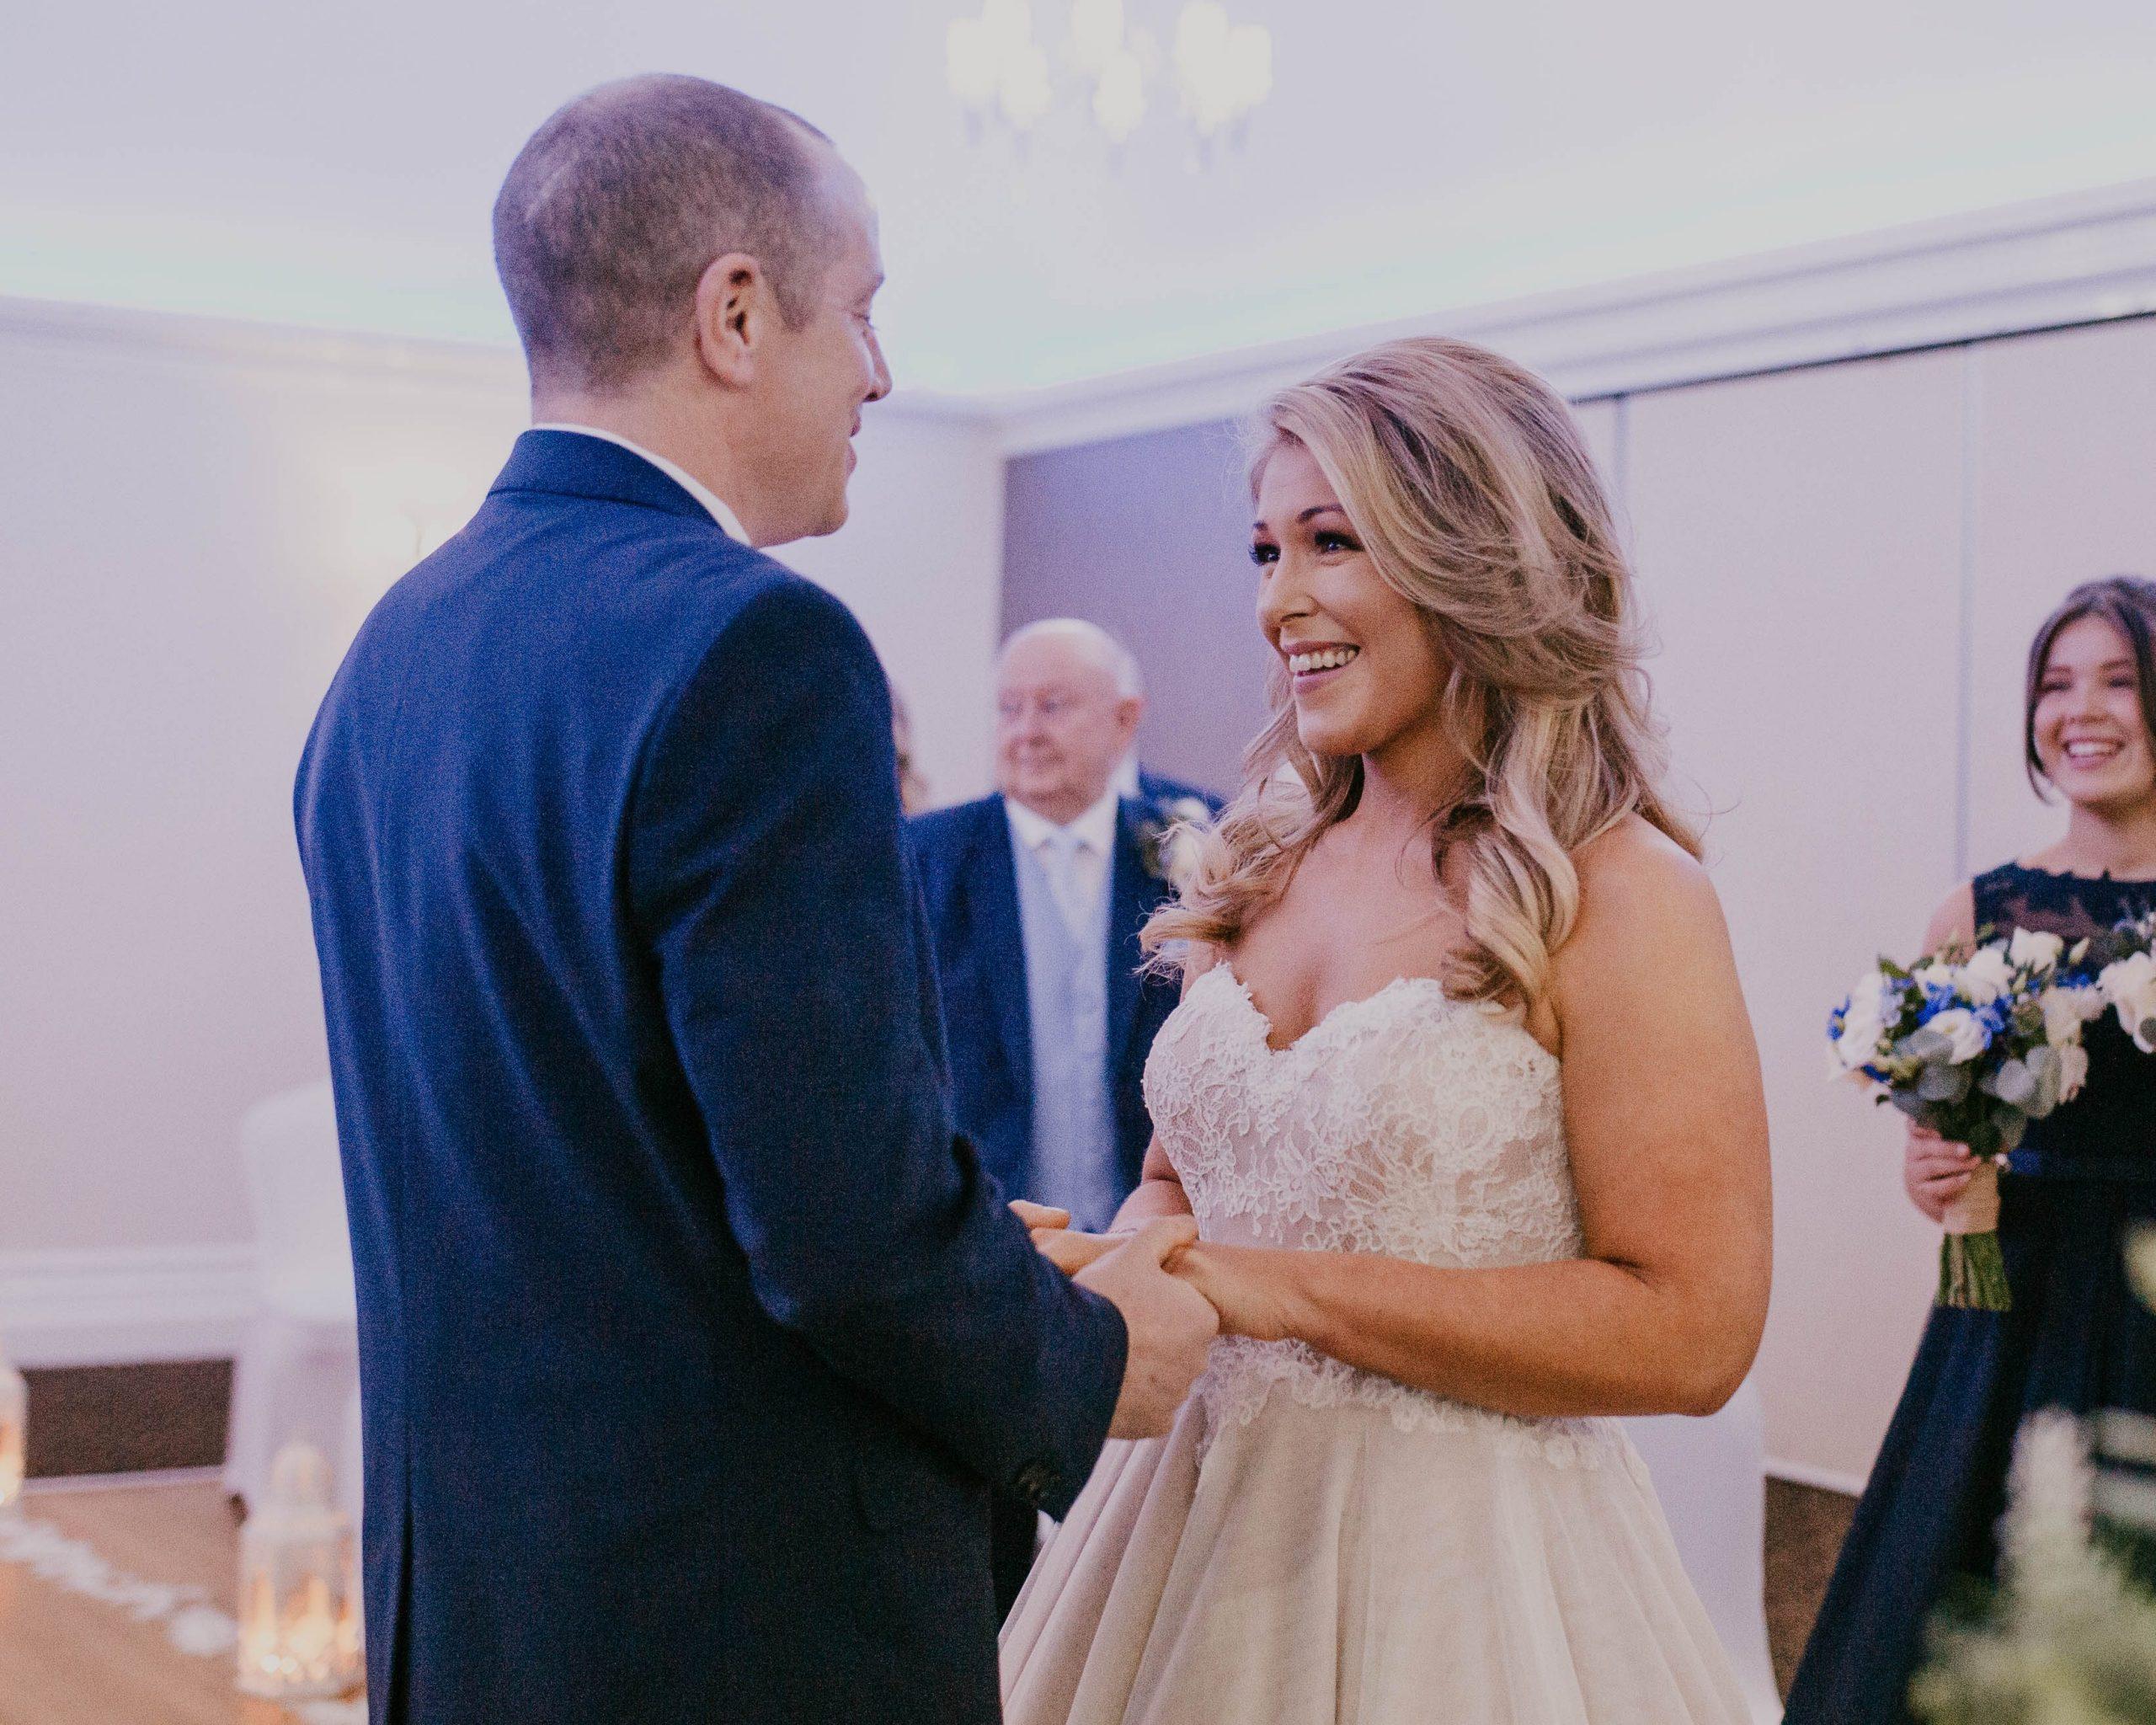 Bolholt wedding in lancashire, intimate wedding photography